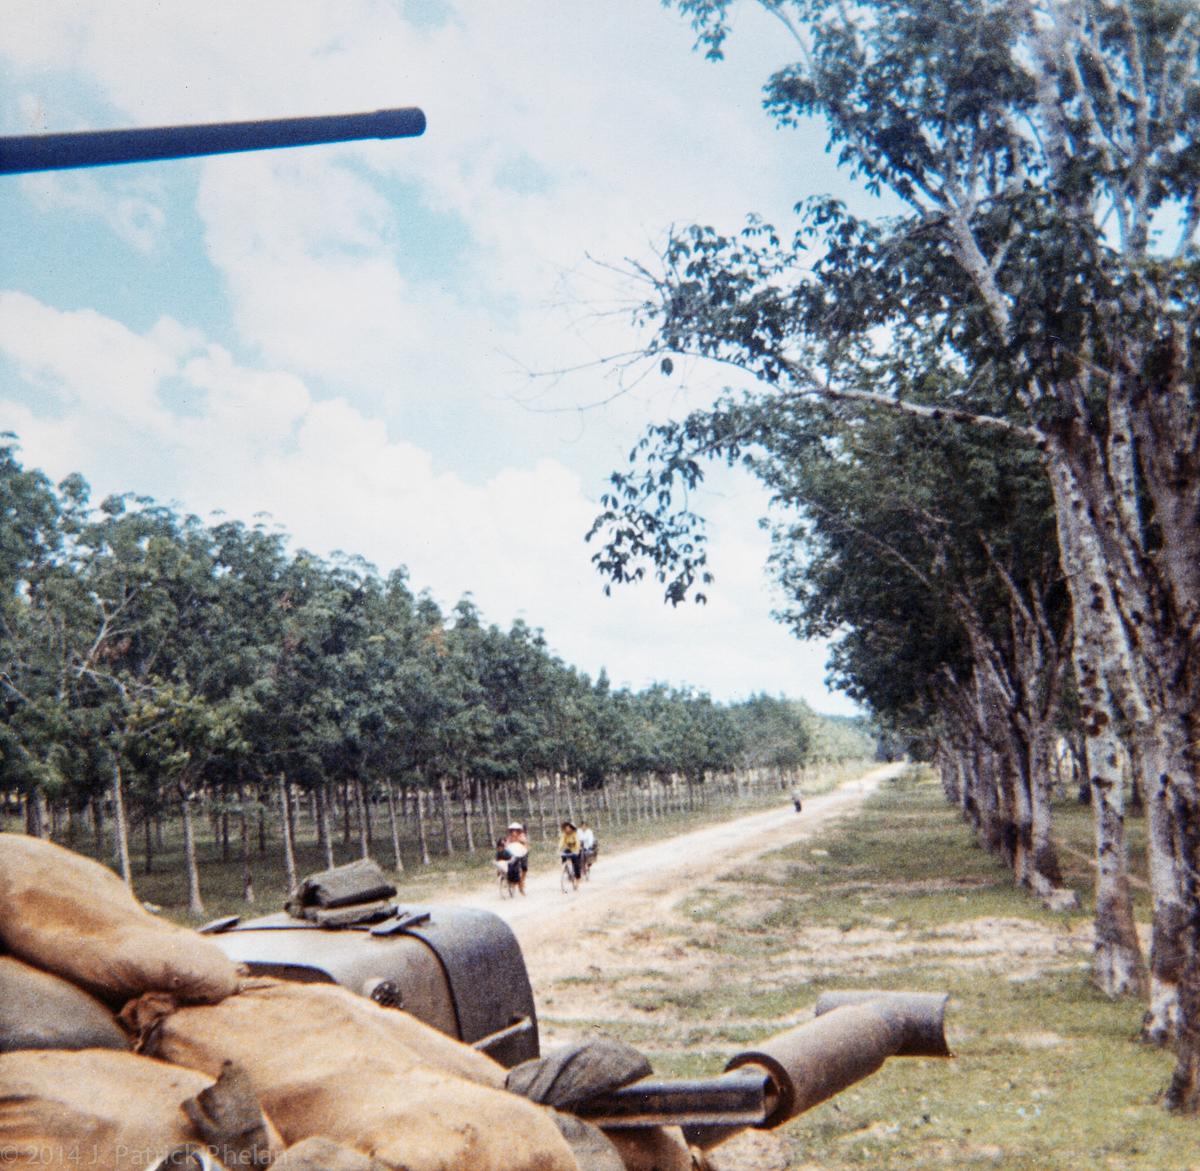 Phelan_1968-70Vietnam_0466